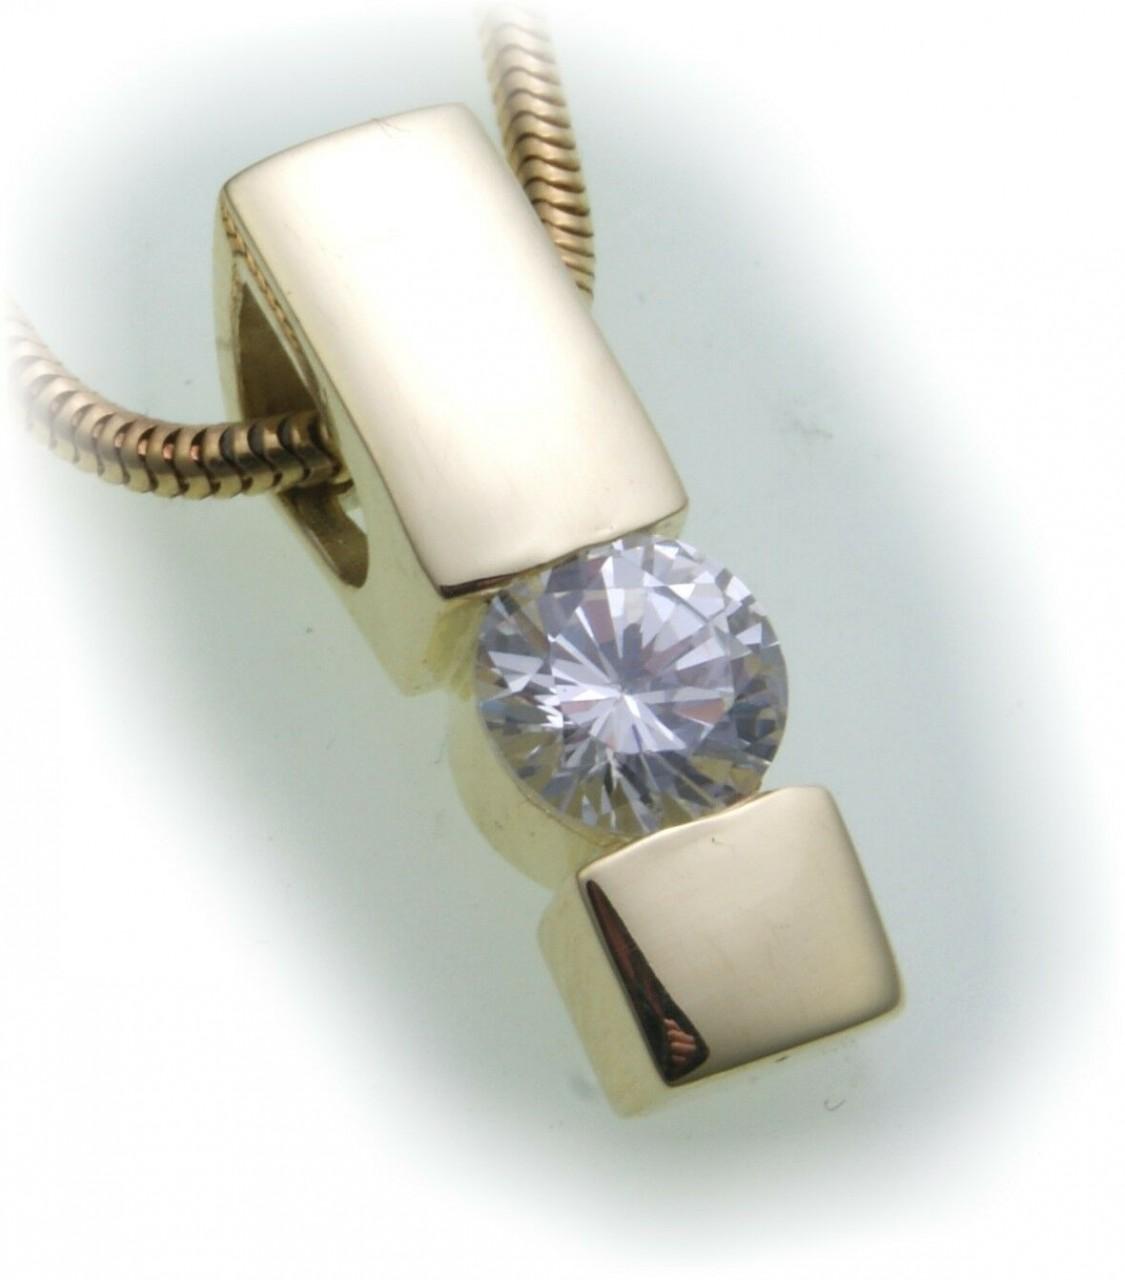 Anhänger Brillant 1,00 carat w/si echt Gold 750 18kt 1,0 ct Solitär Gelbgold